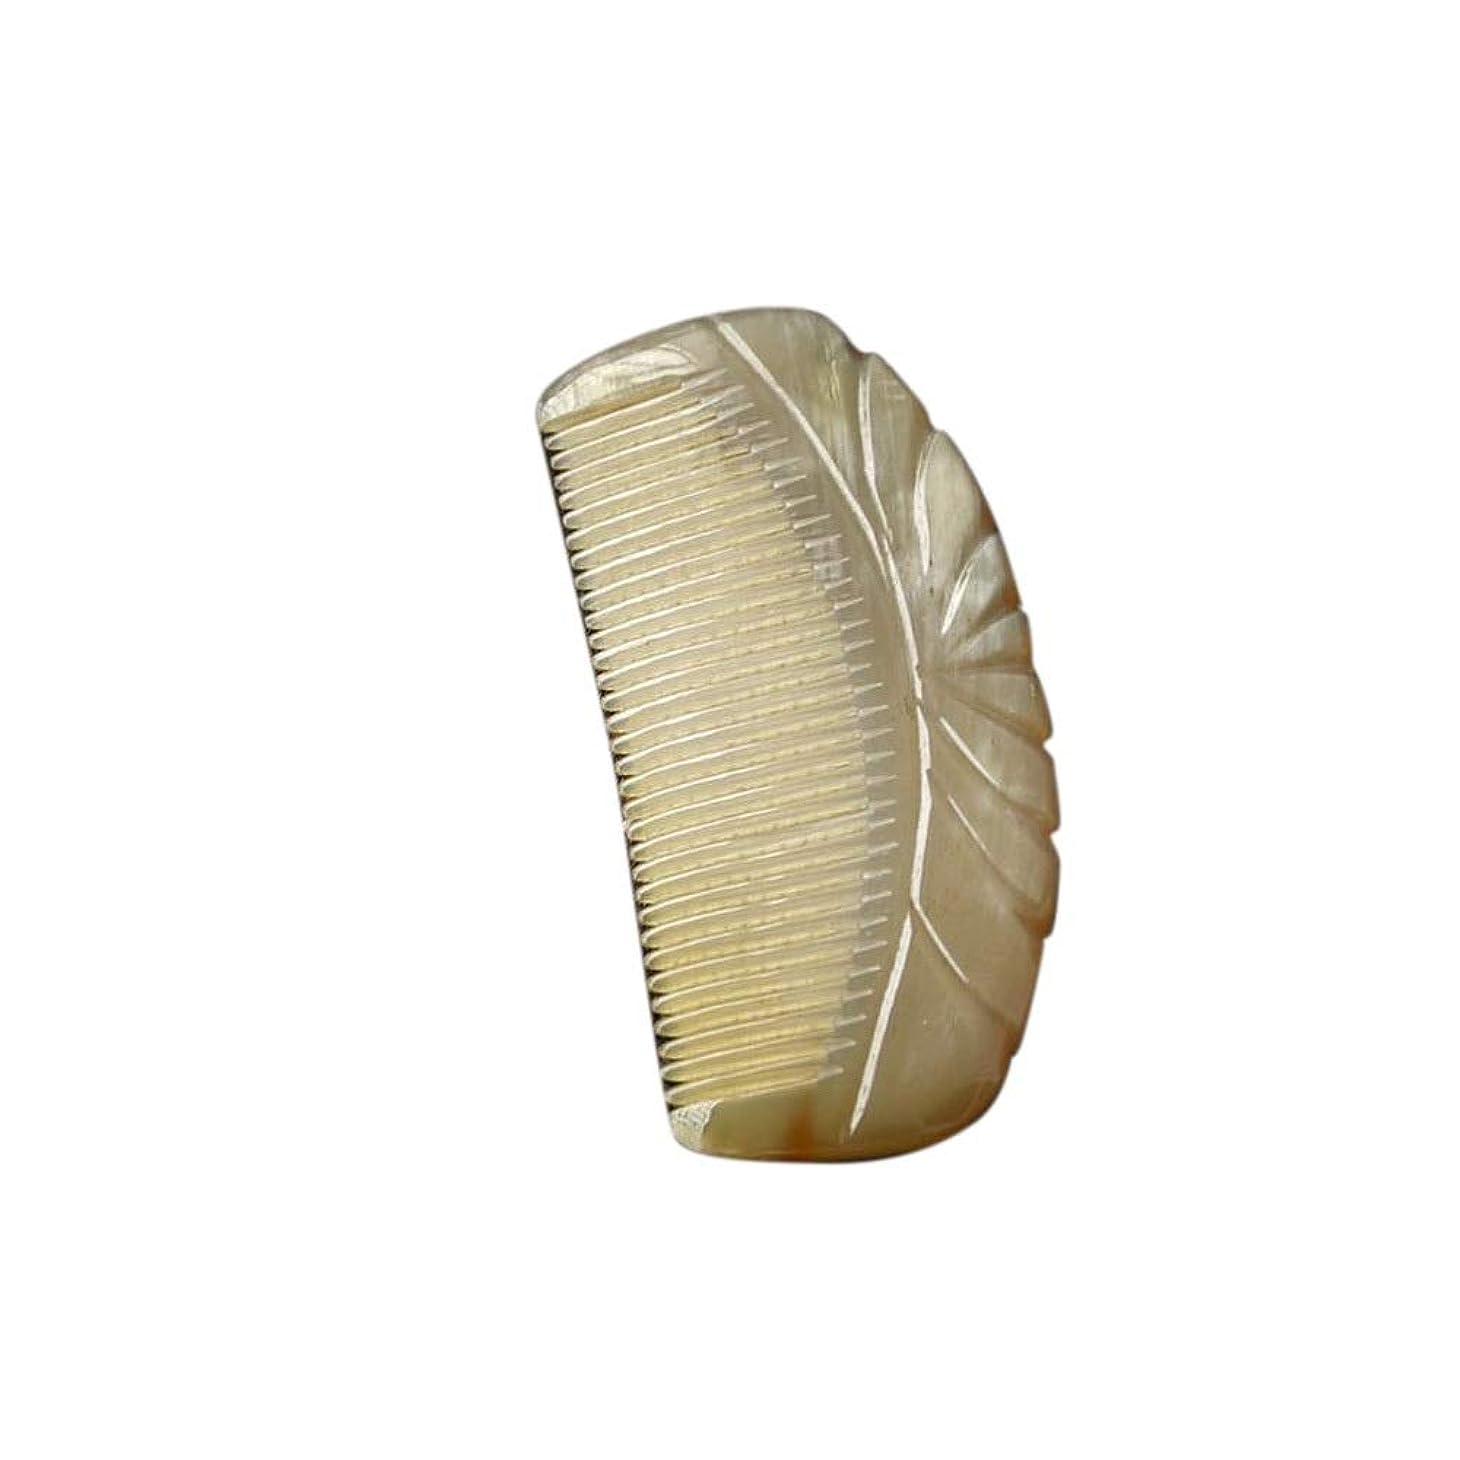 サスティーン新鮮な故障中Besenmy 良い歯の自然なバッファローの角の櫛 - ハーフムーン女性および男性のための静的な櫛無し (色 : Photo color)